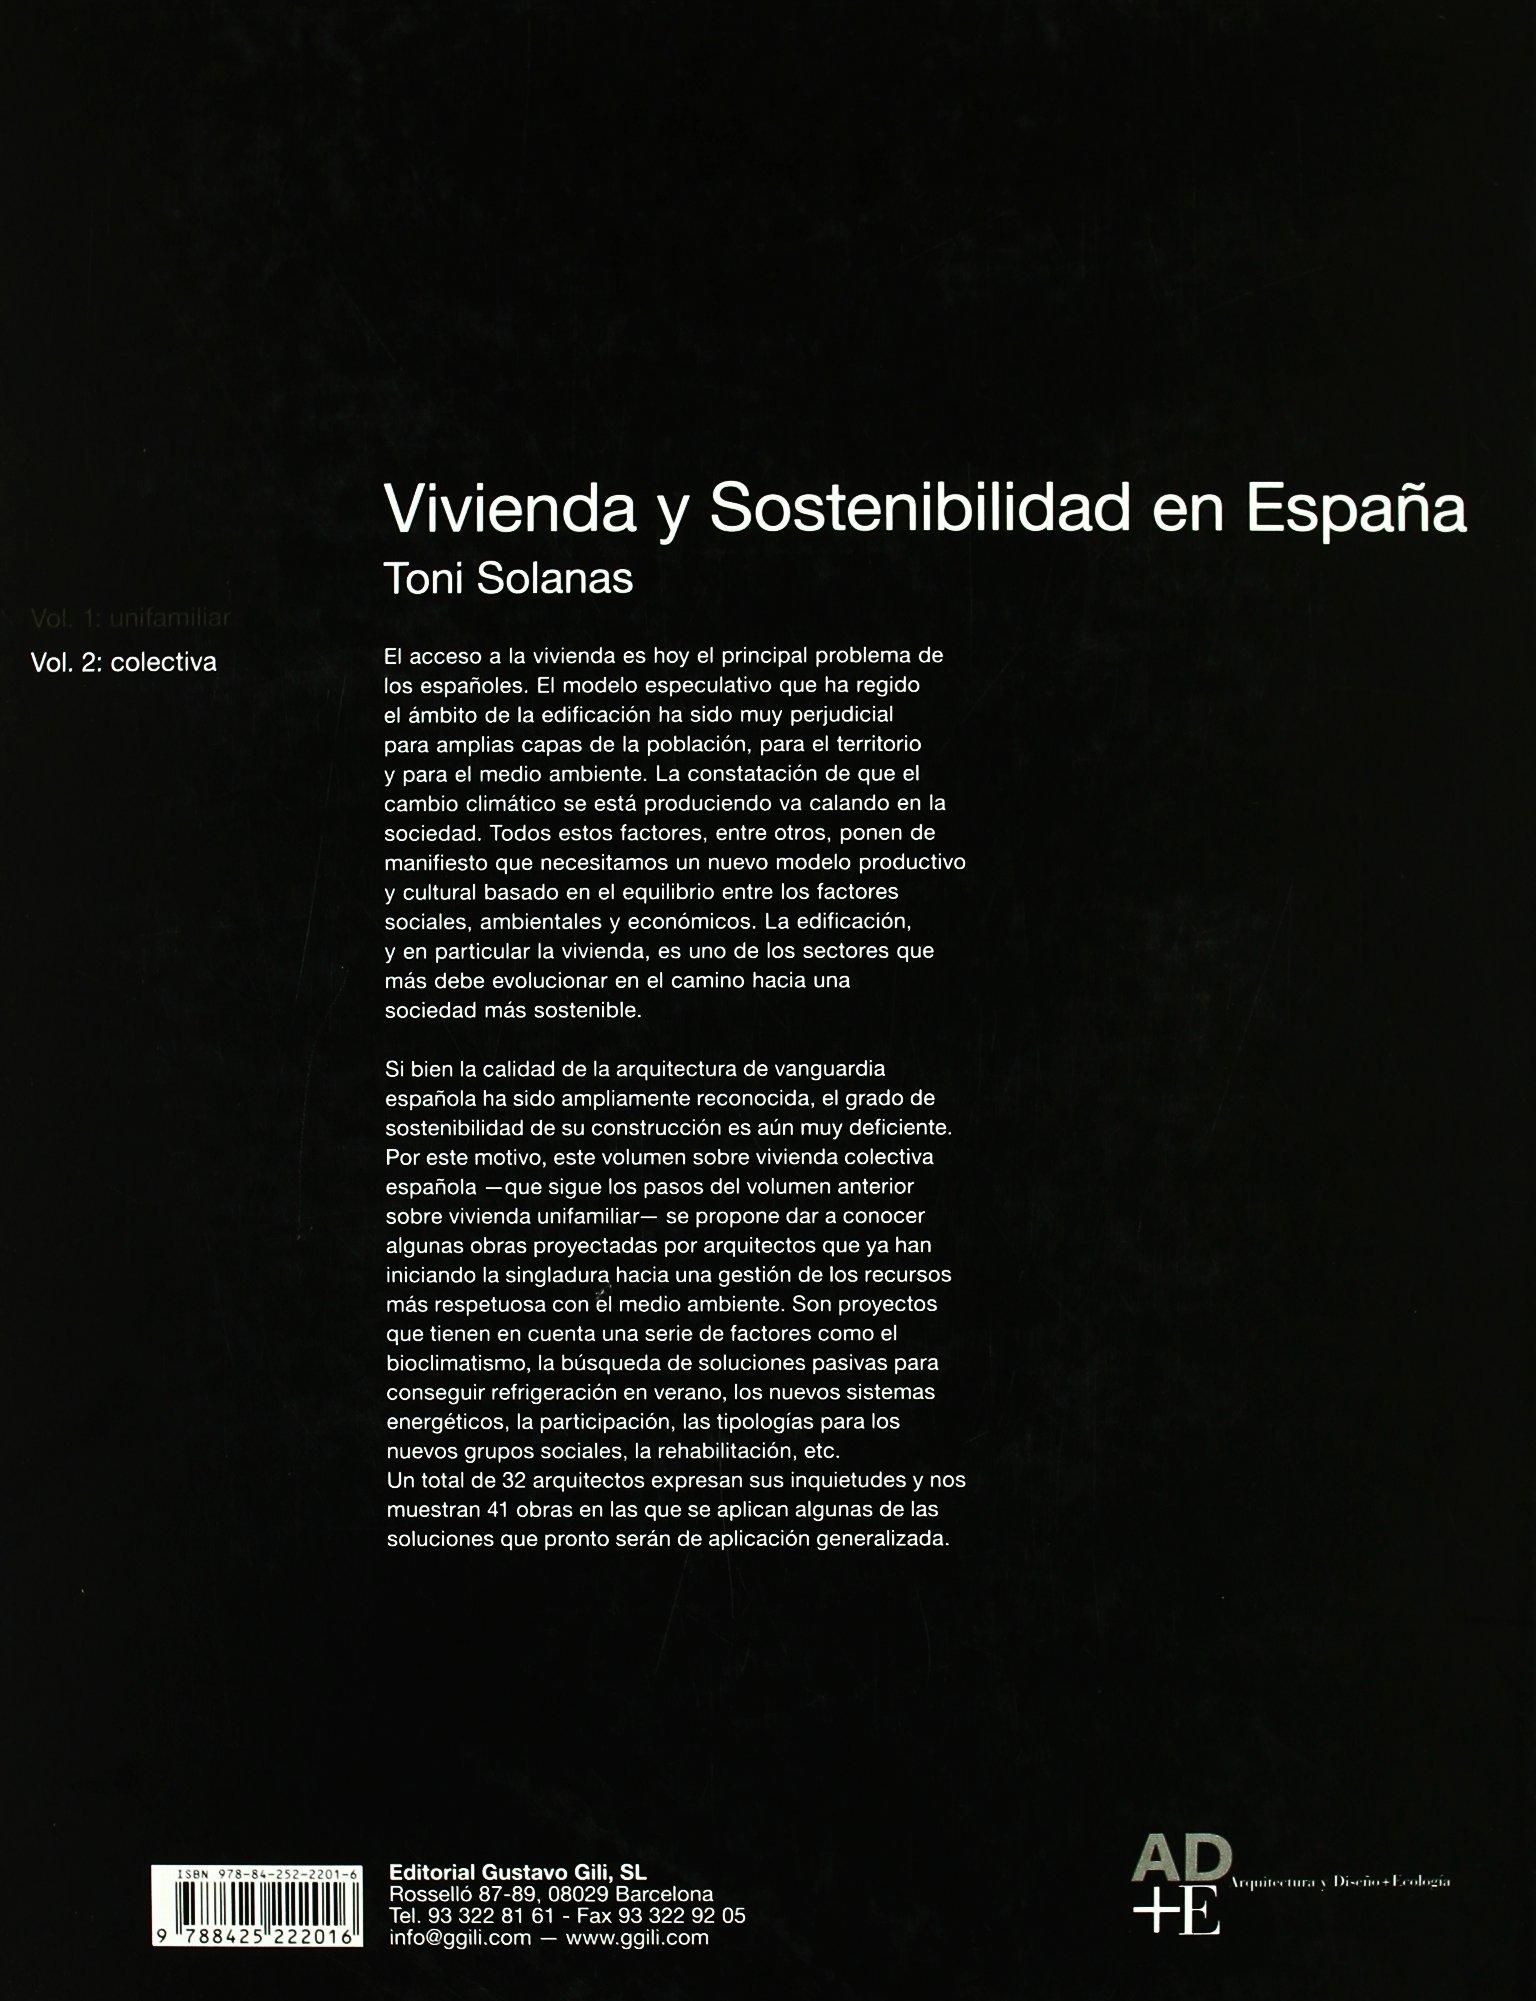 Vivienda y sostenibilidad en España: Vol. 2: colectiva Arquitectura&diseño&ecolog: Amazon.es: Herreros, Juan, Rueda, Salvador, Sabaté, Joan, Solanas, Toni: Libros